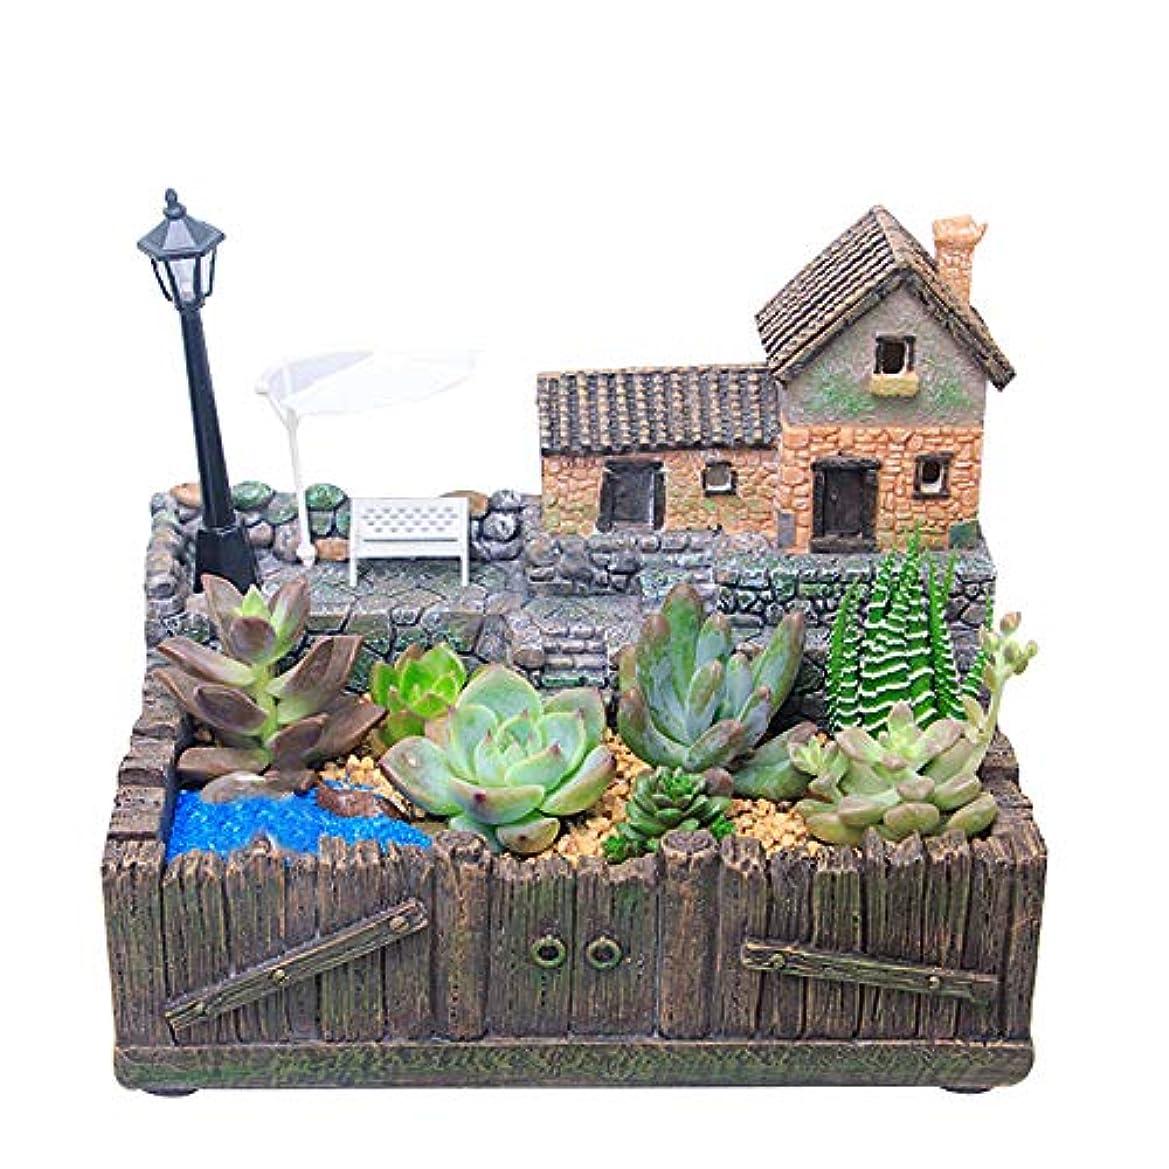 発信規制守るDOMO DIYデスクトップ盆栽 多肉植物の植木鉢 植物の装飾 リビングルーム 机 誕生日プレゼント